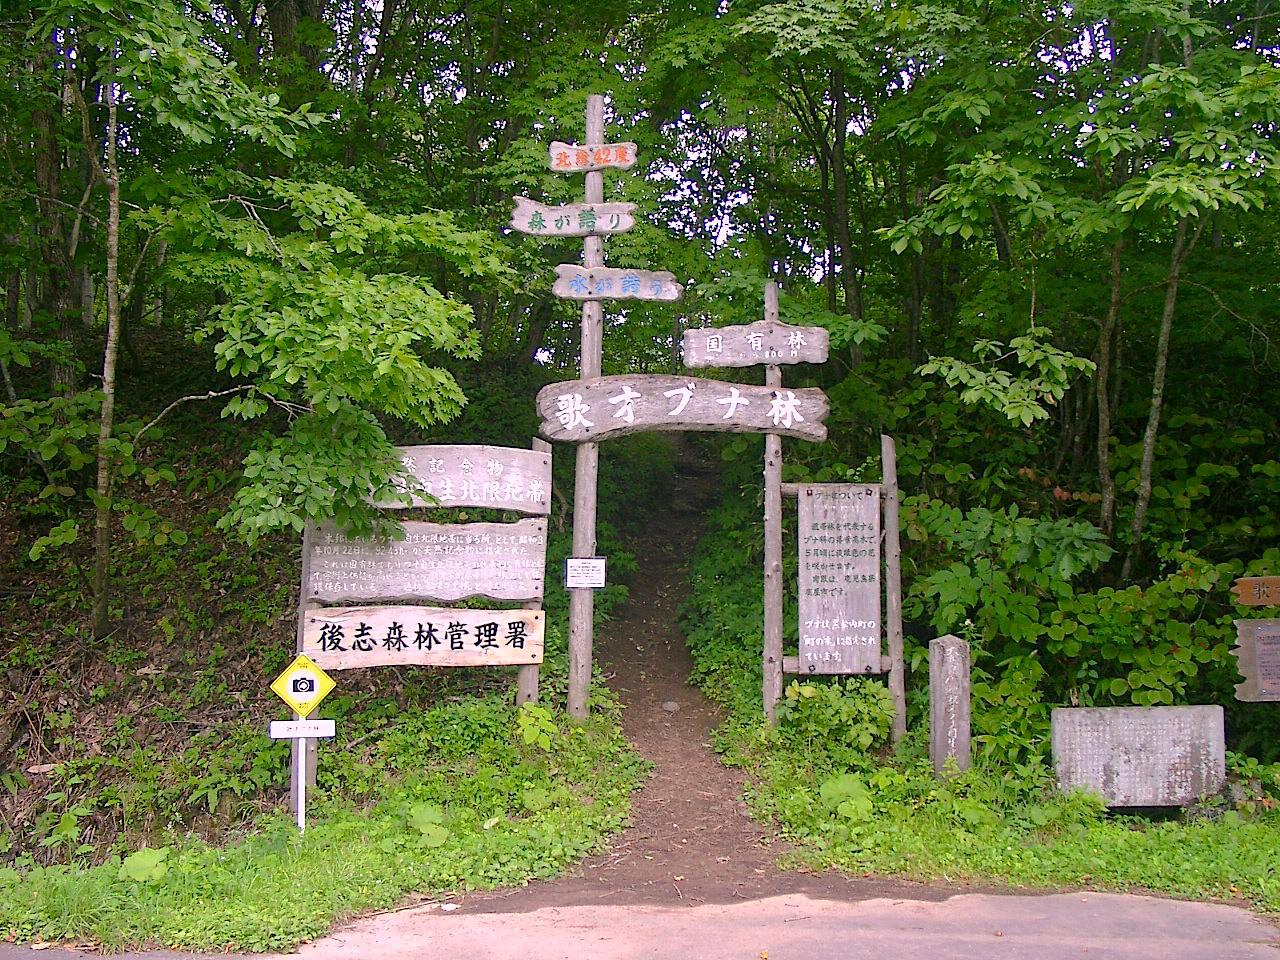 歌才ブナ林の探勝路の入口